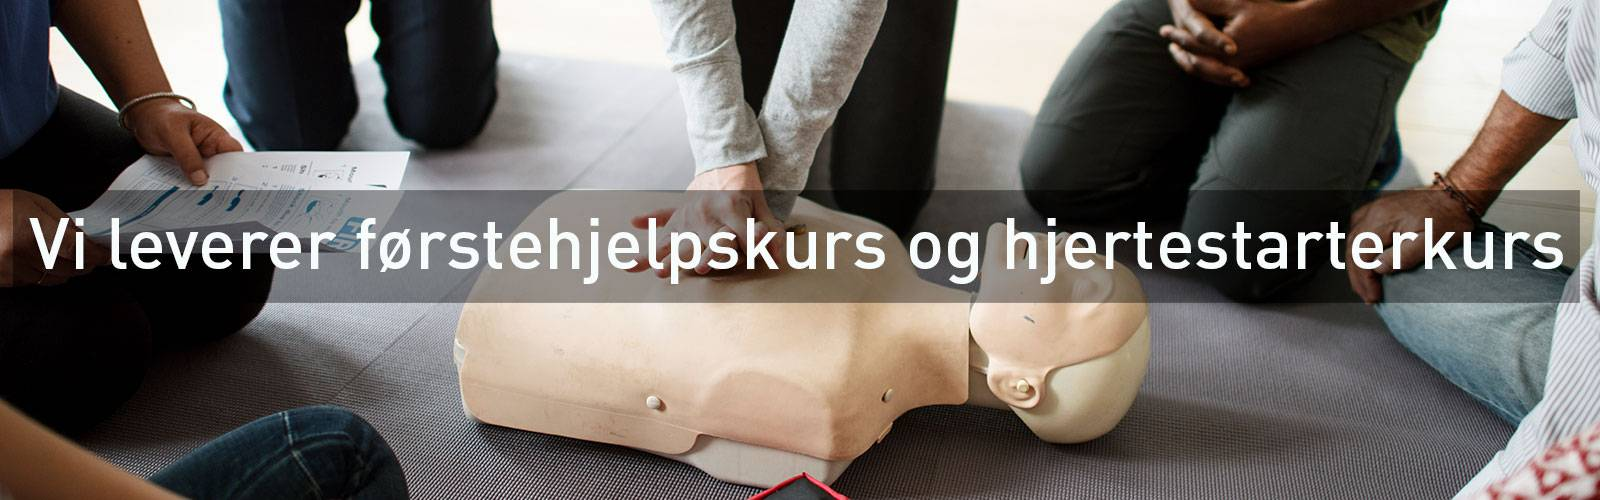 Førstehjelpskurs HLR kurs førstehjelpsutstyr